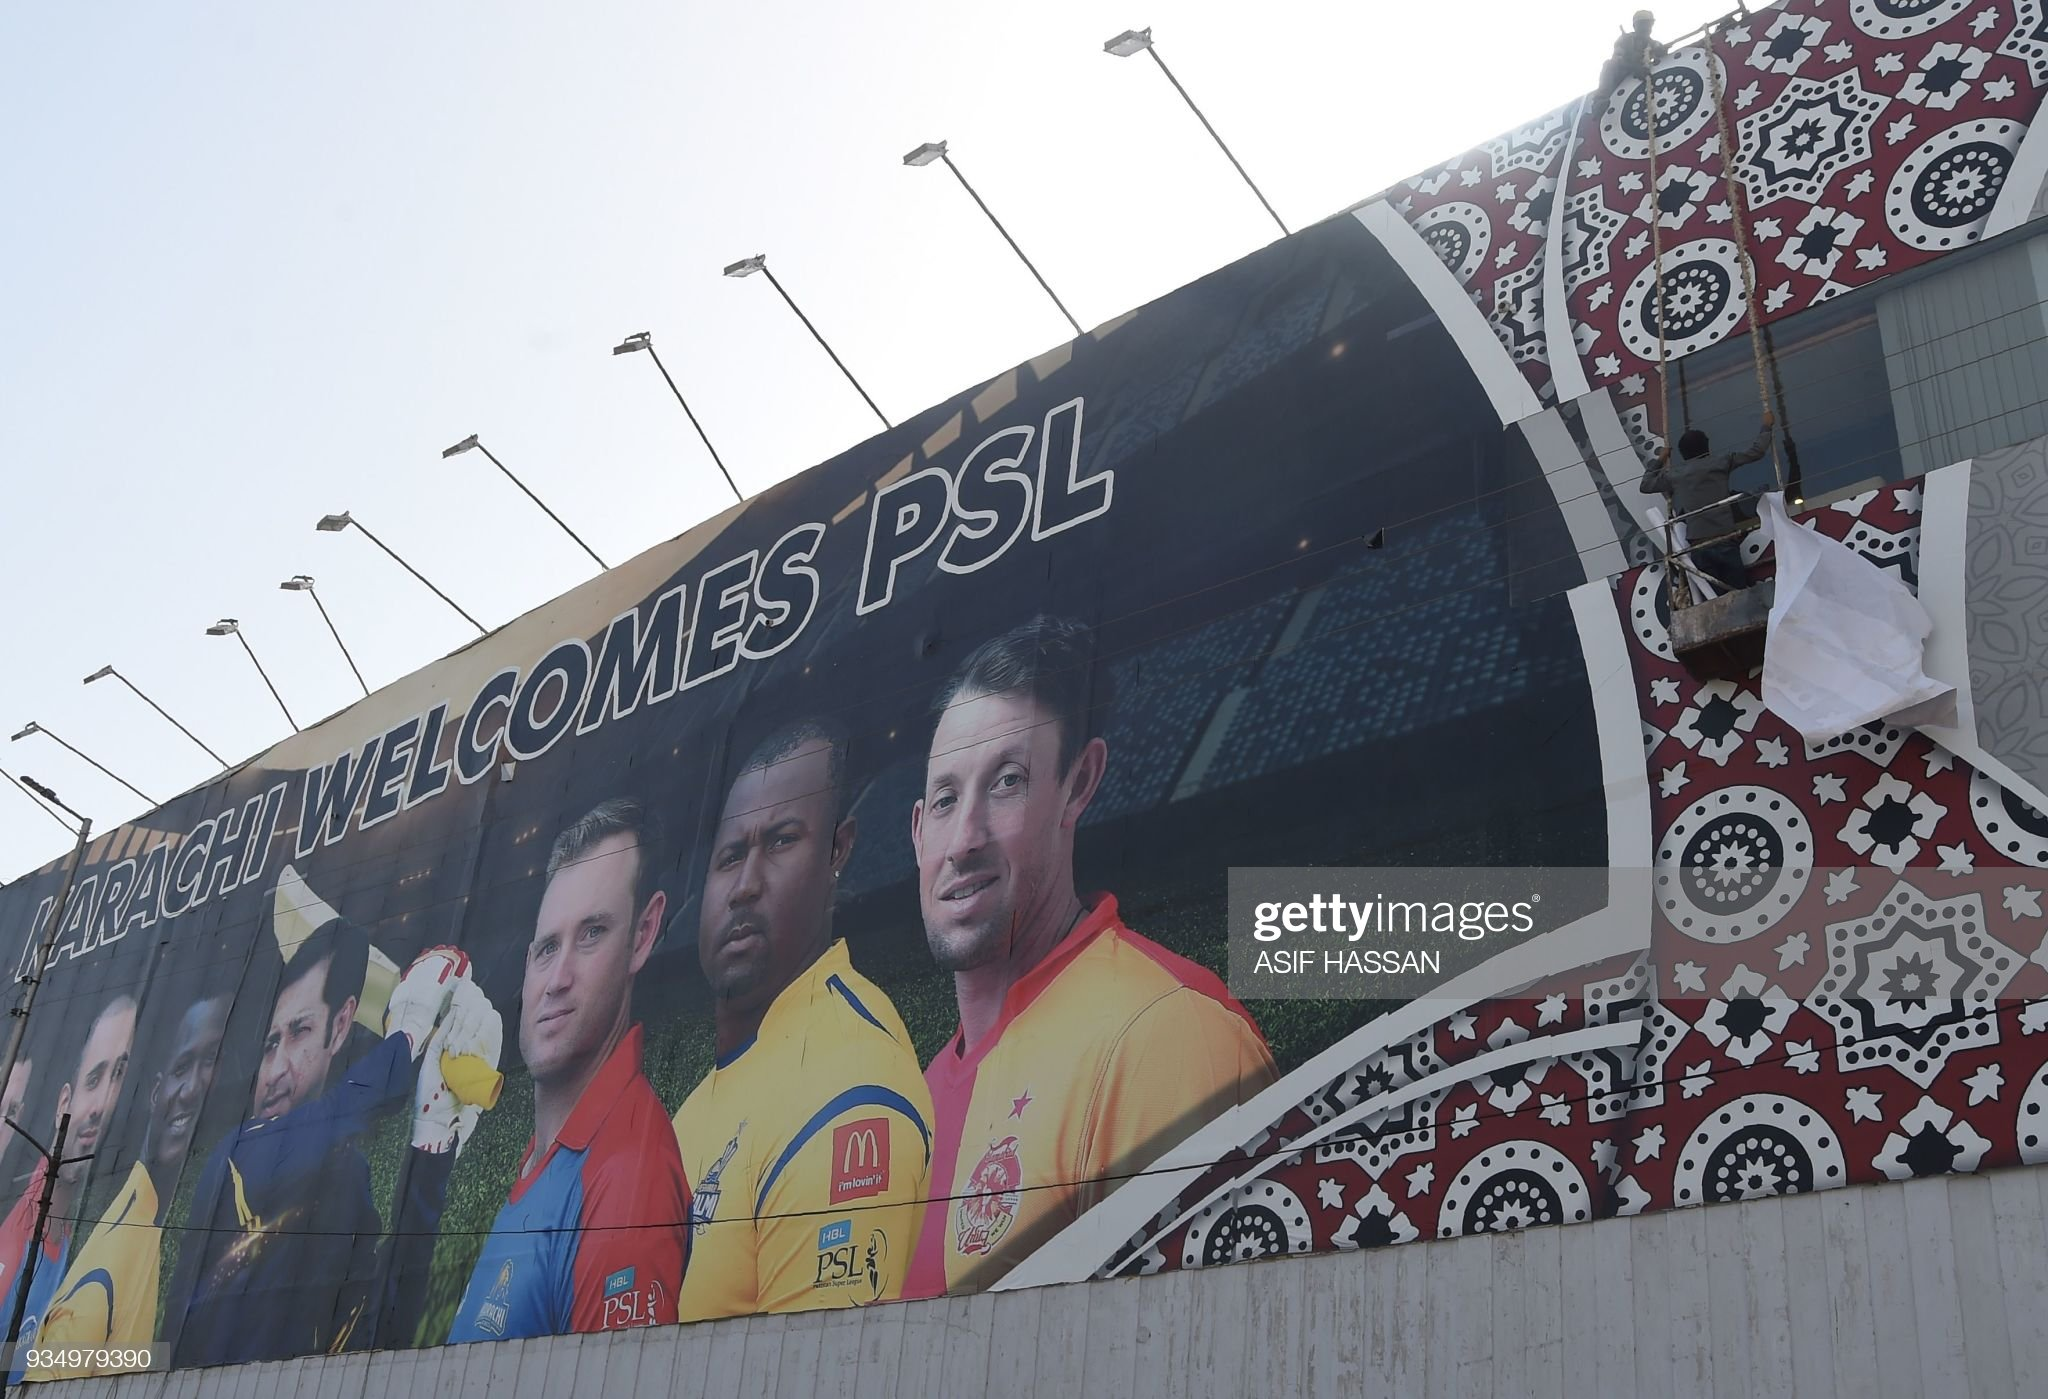 PSL6, Karachi kings. Gladiators, Qaladars, United, Zalmi, Sultans